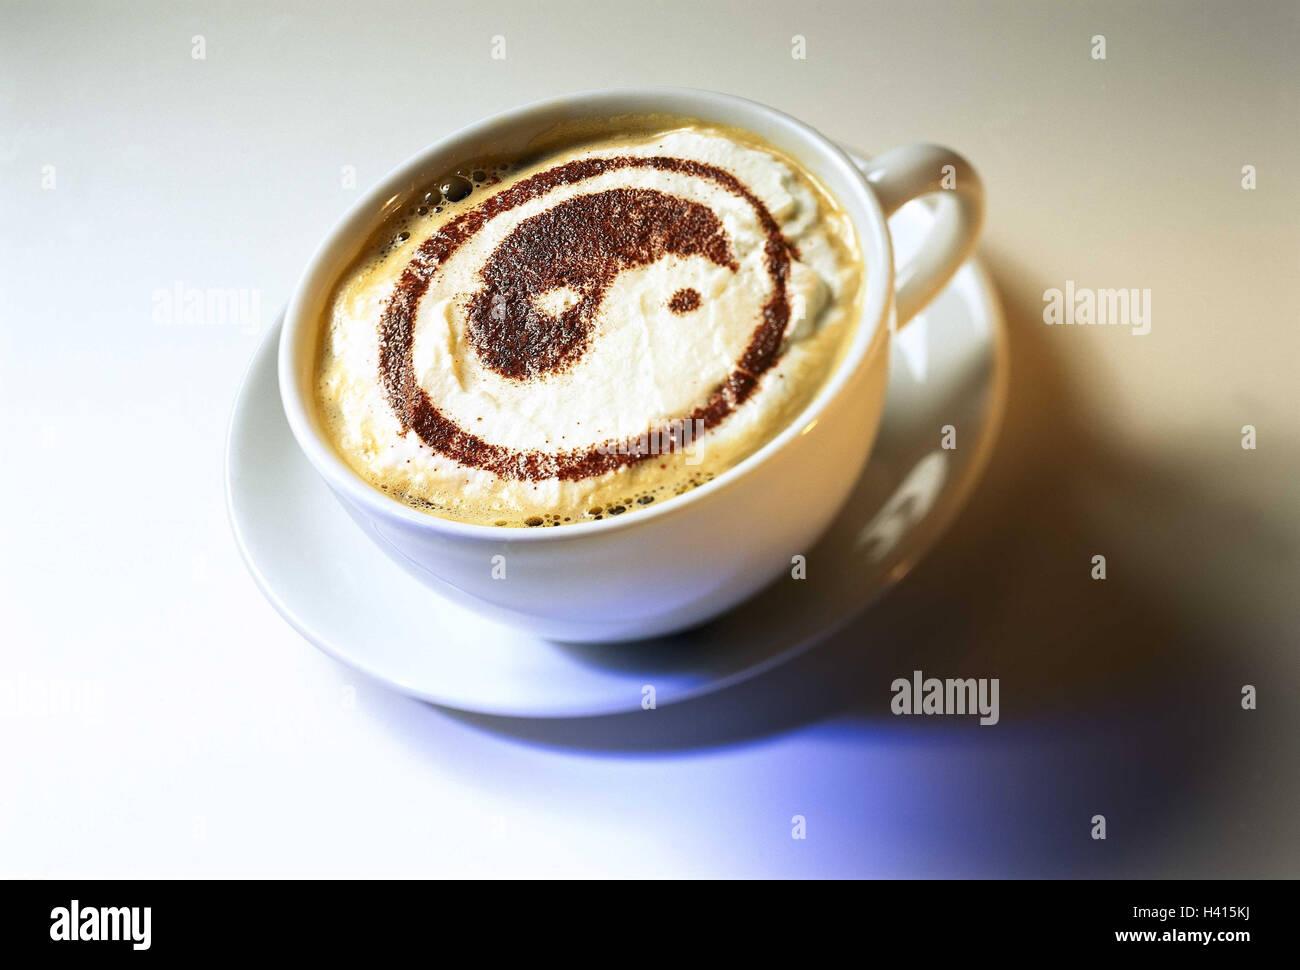 Tasse, Cappuccino, Milchschaum, Yin und Yang Kaffee, Kaffee trinken ...